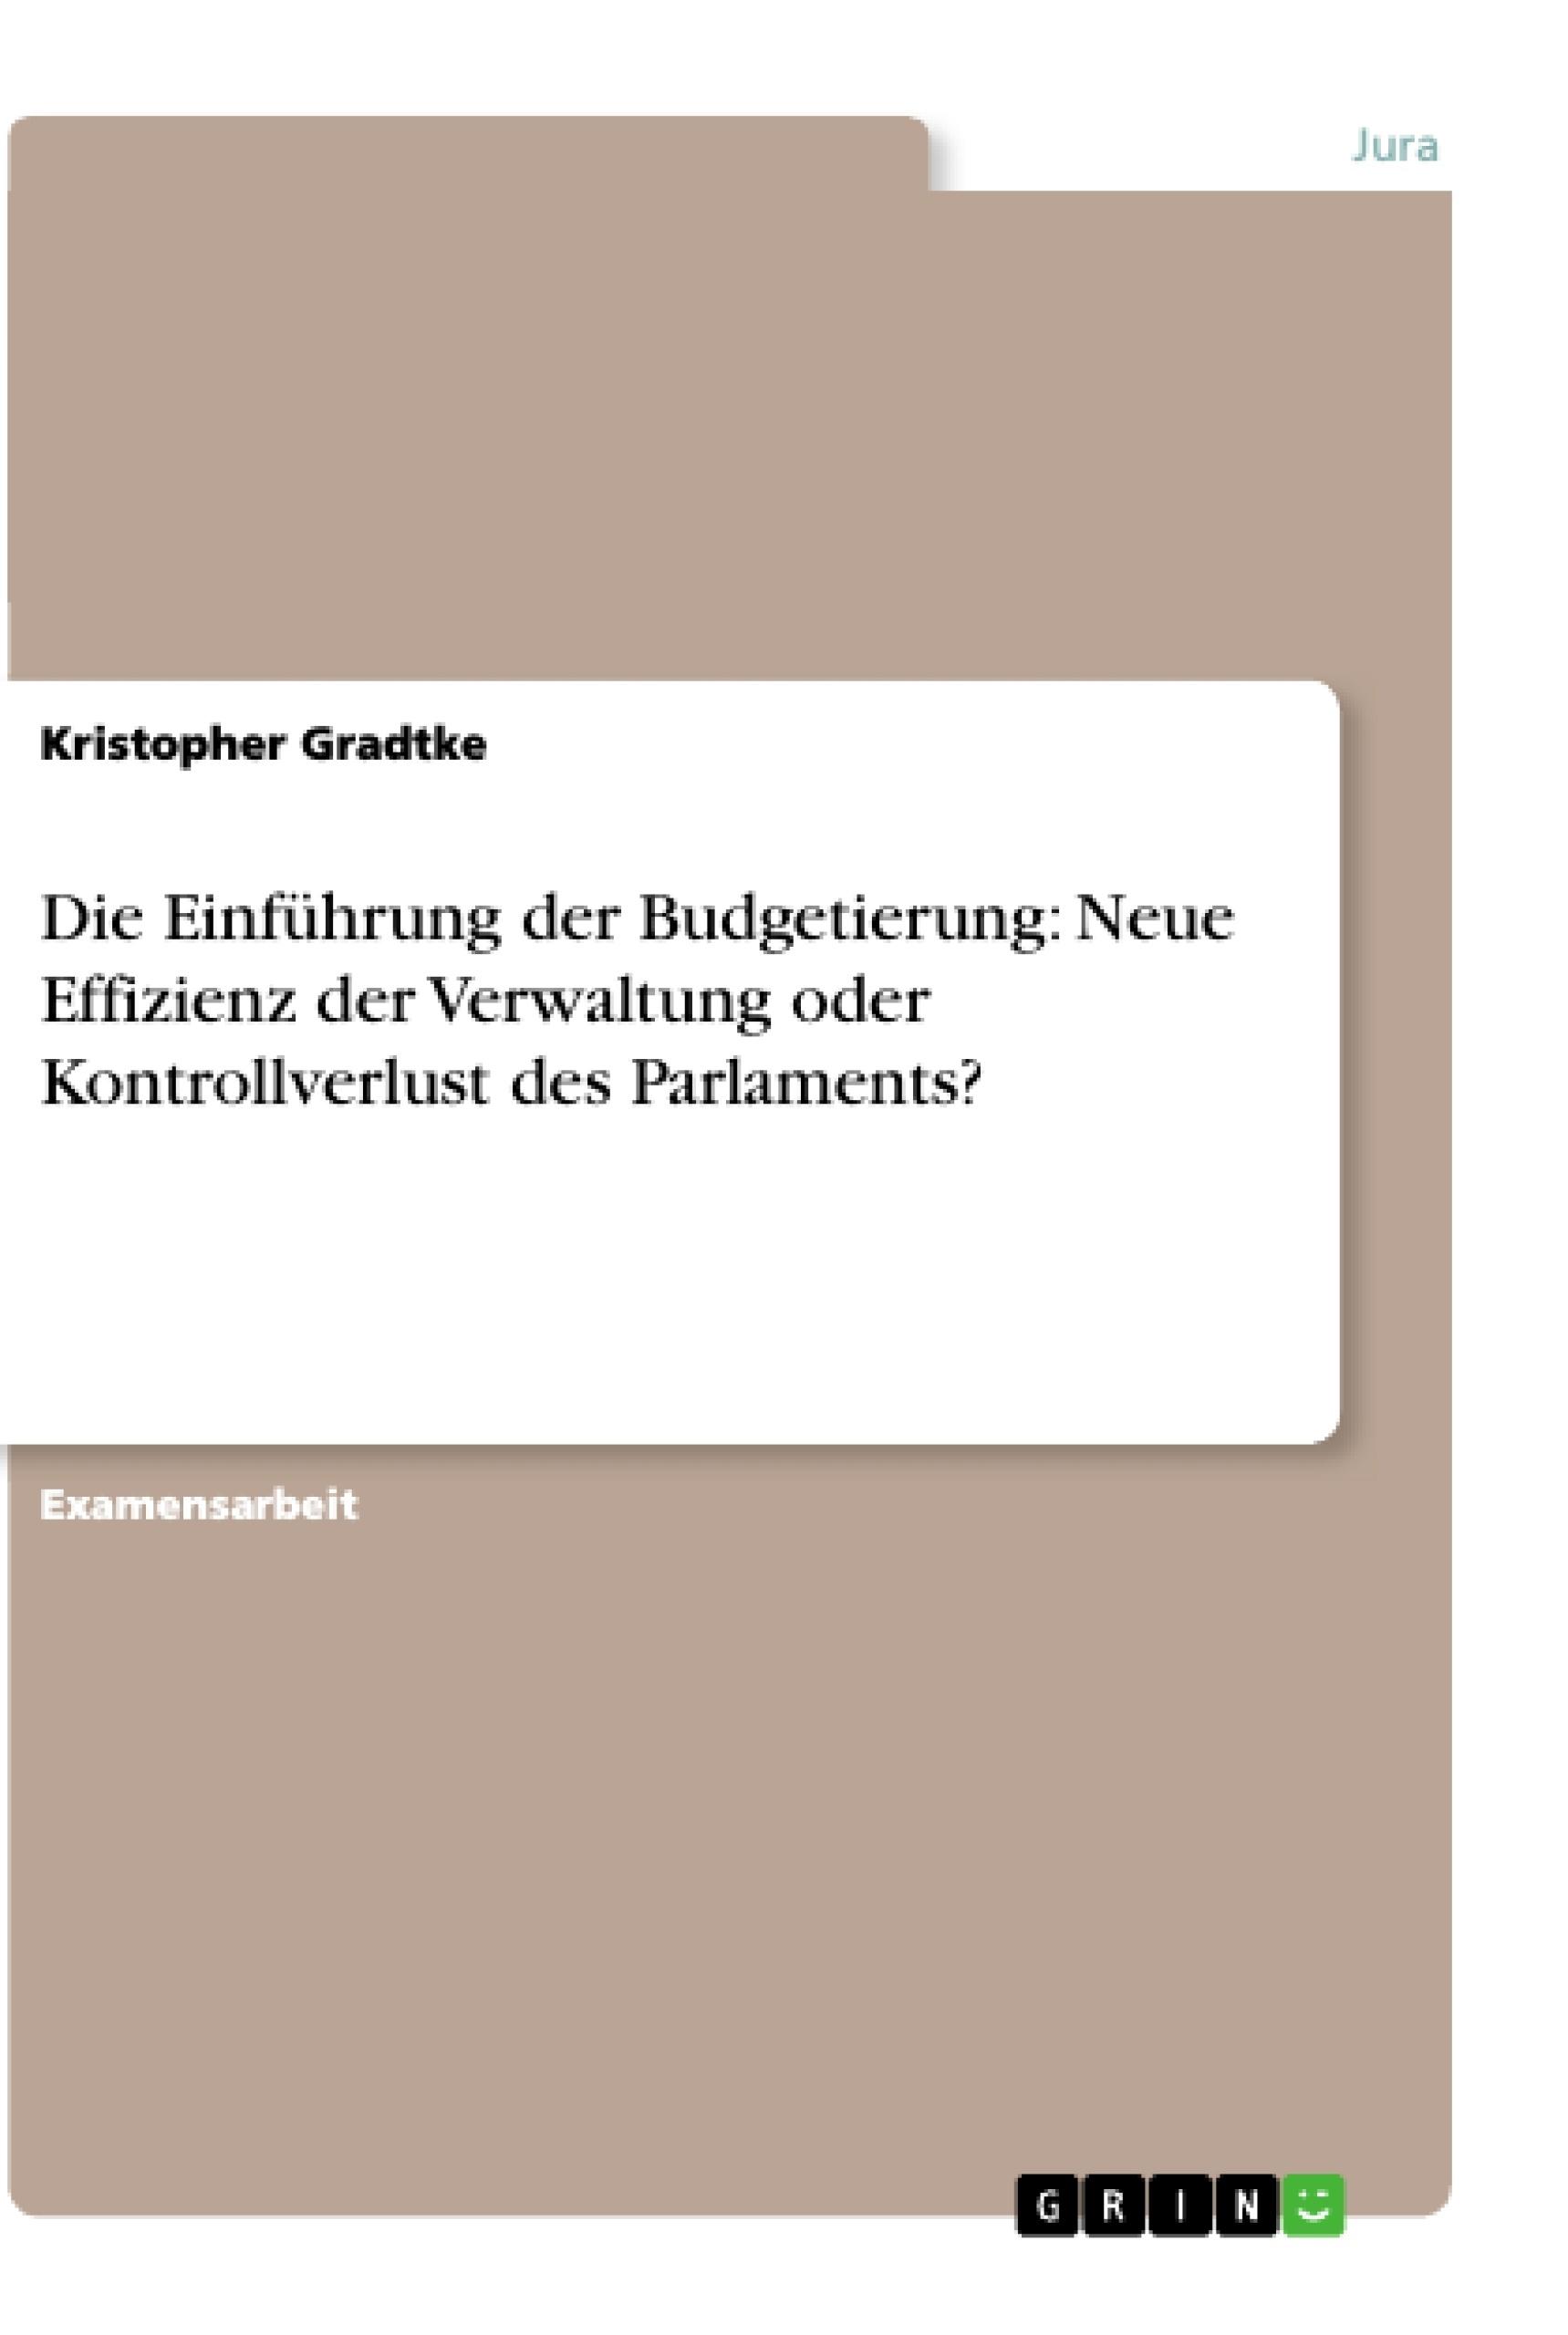 Titel: Die Einführung der Budgetierung: Neue Effizienz der Verwaltung oder Kontrollverlust des Parlaments?